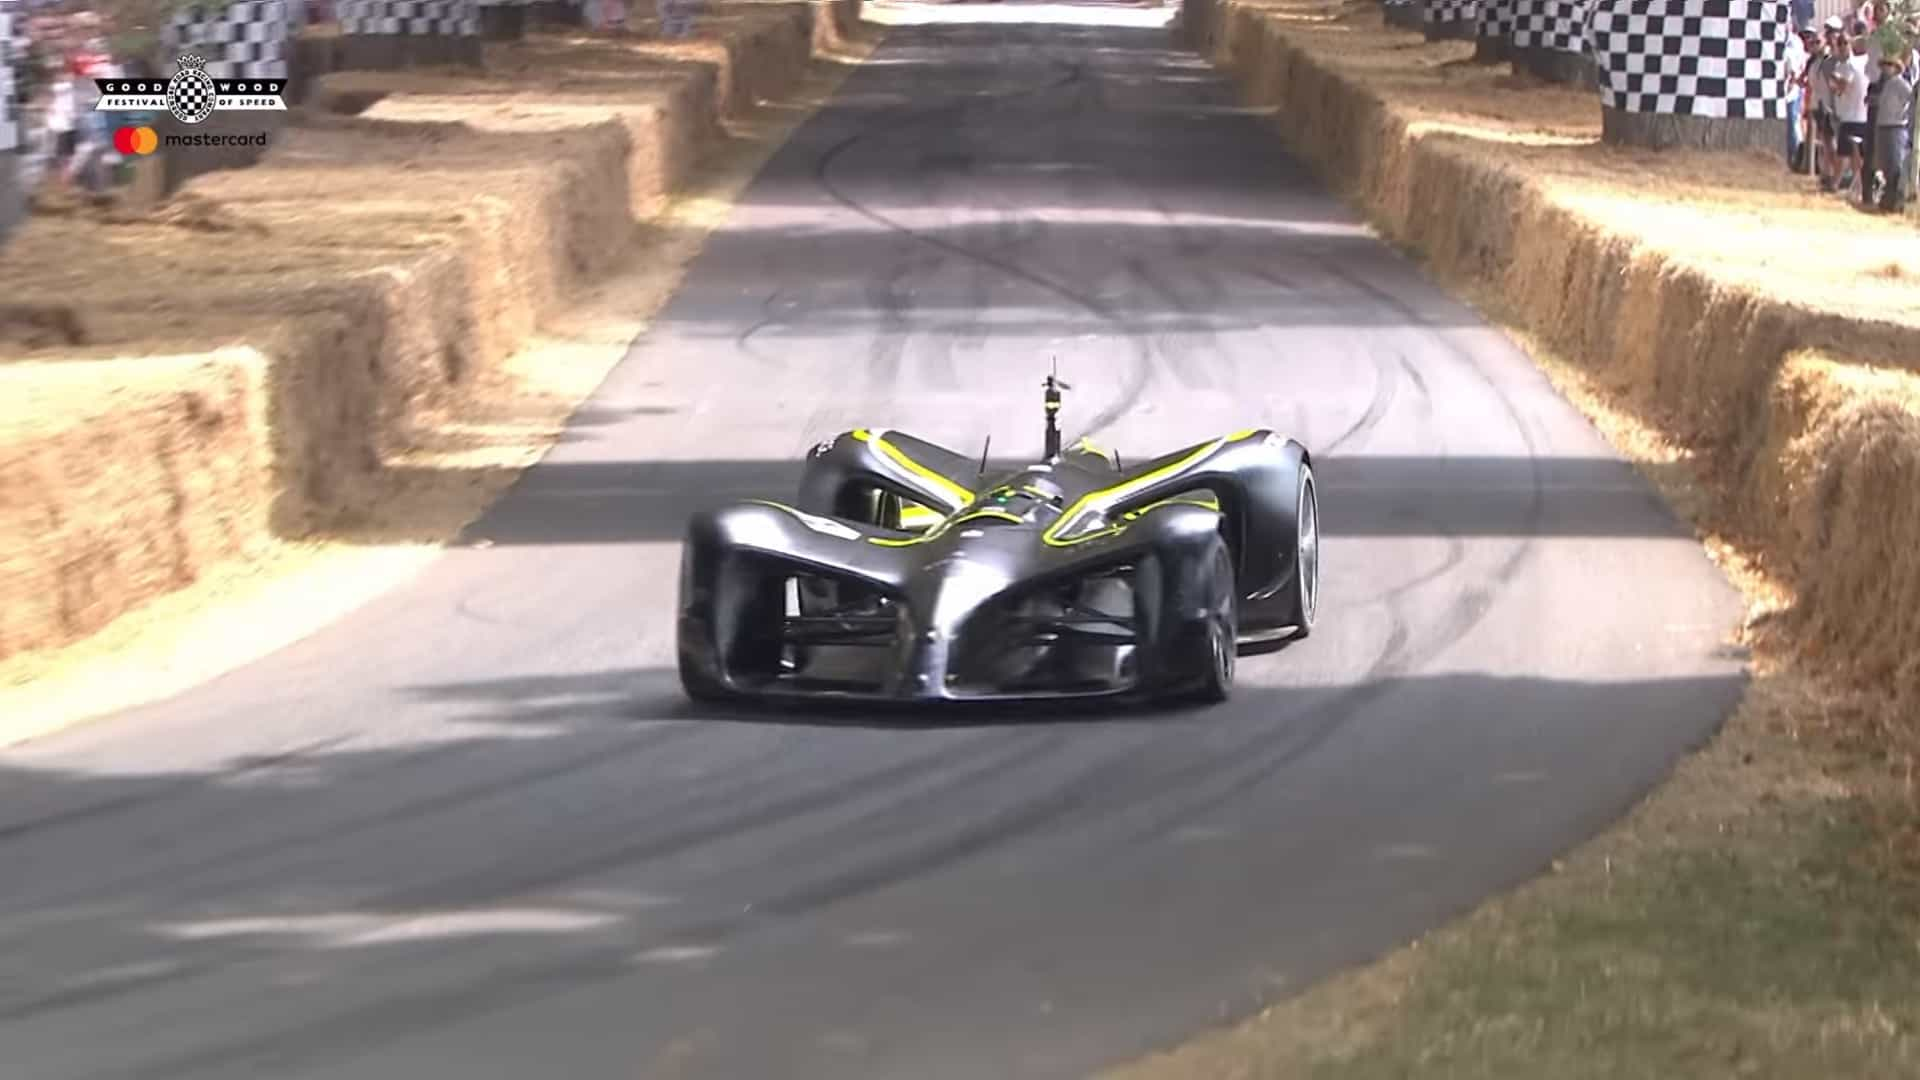 Carro autónomo completou desafio do Festival Goodwood. Veja o vídeo